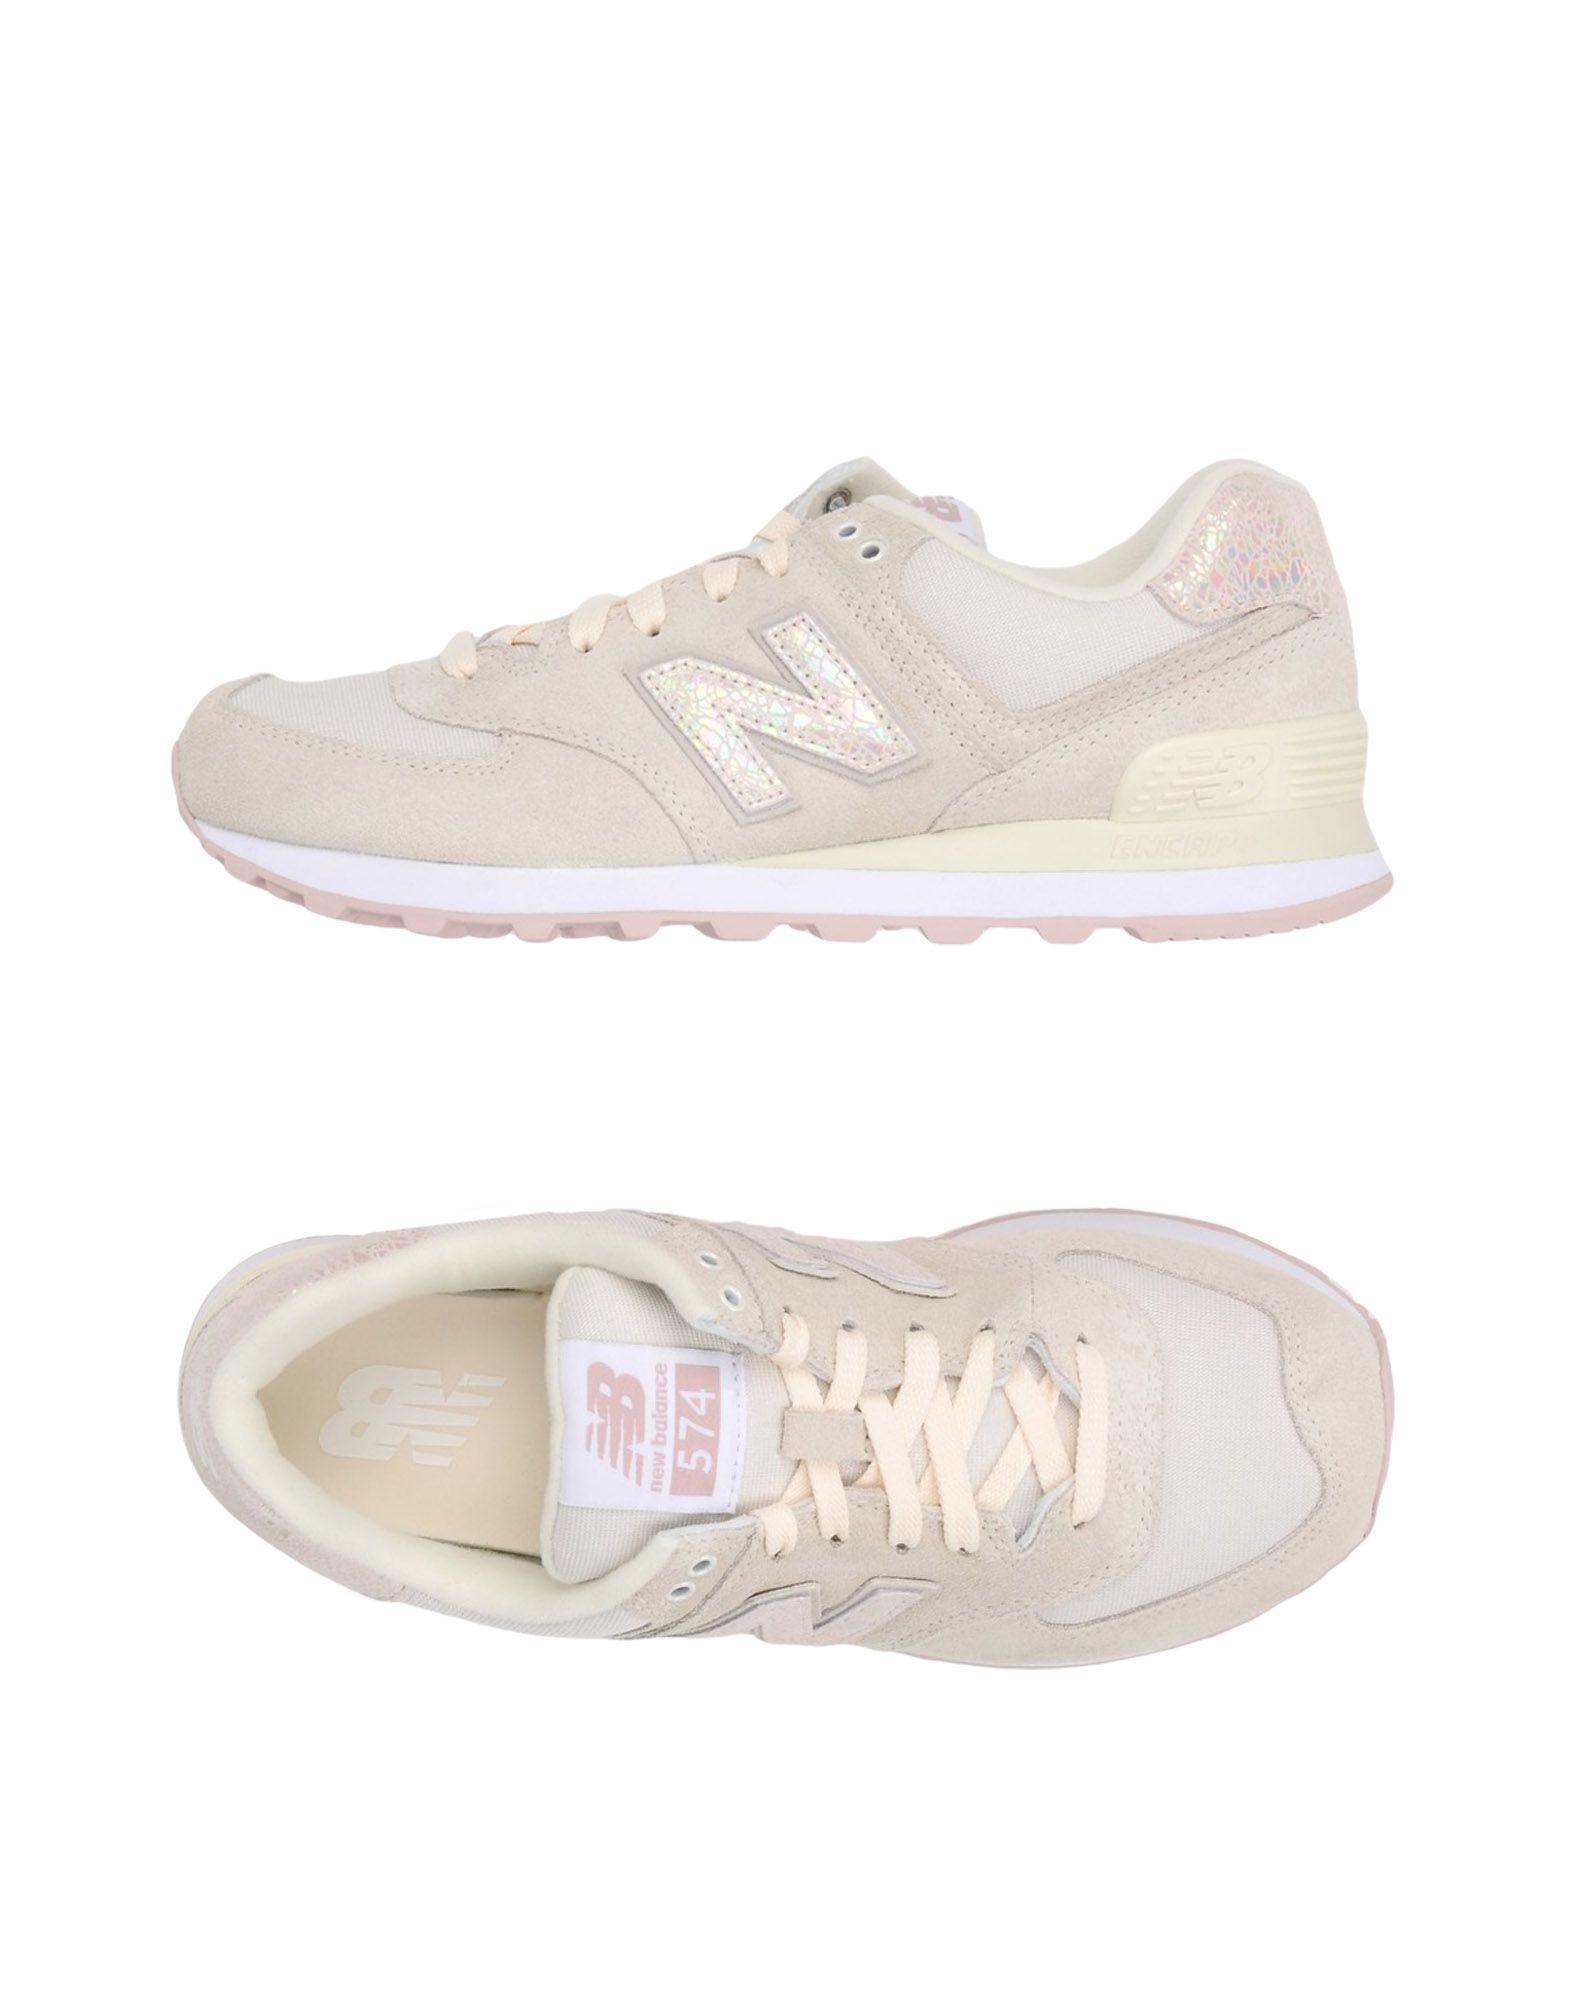 New Balance 574 Shattered Pearl  11369700KH Gute Qualität beliebte Schuhe